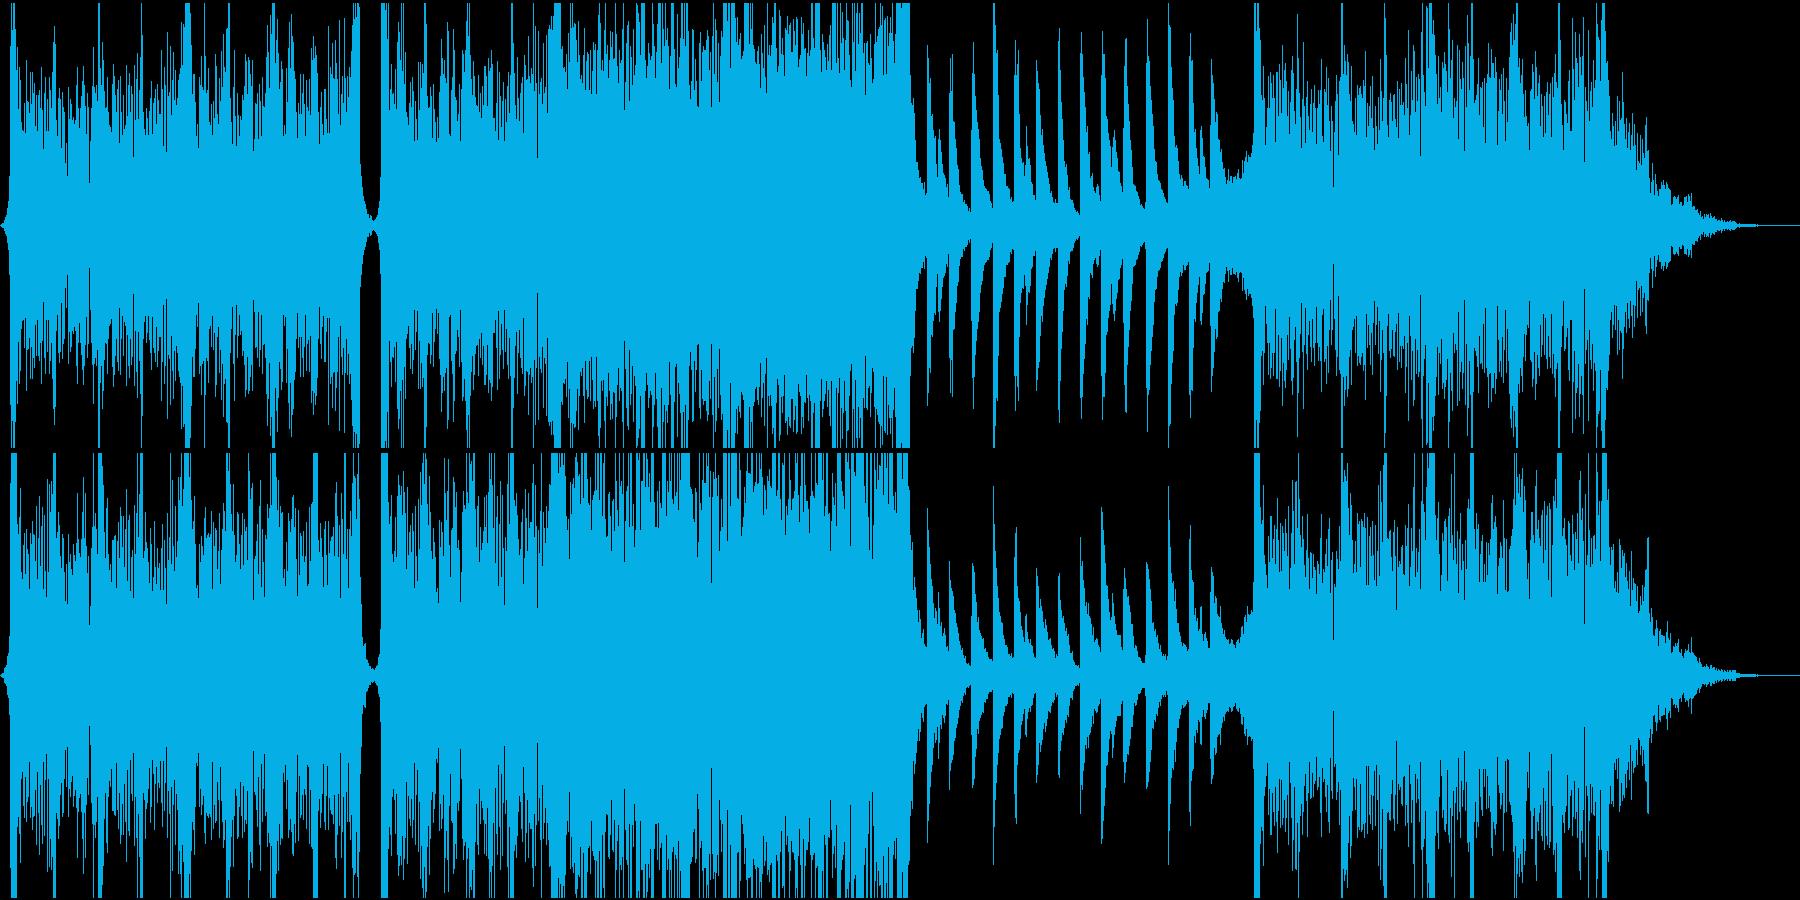 クライマックスシーンに向かう楽曲。の再生済みの波形